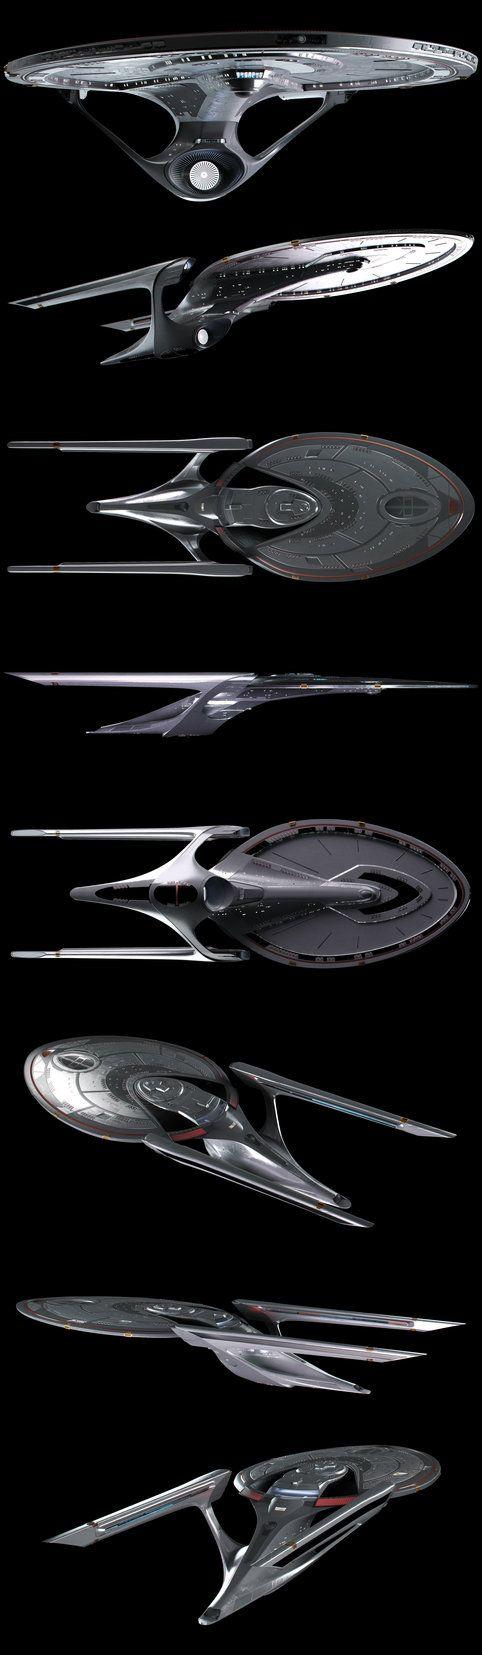 USS Innovator by supersampled.deviantart.com on @DeviantArt